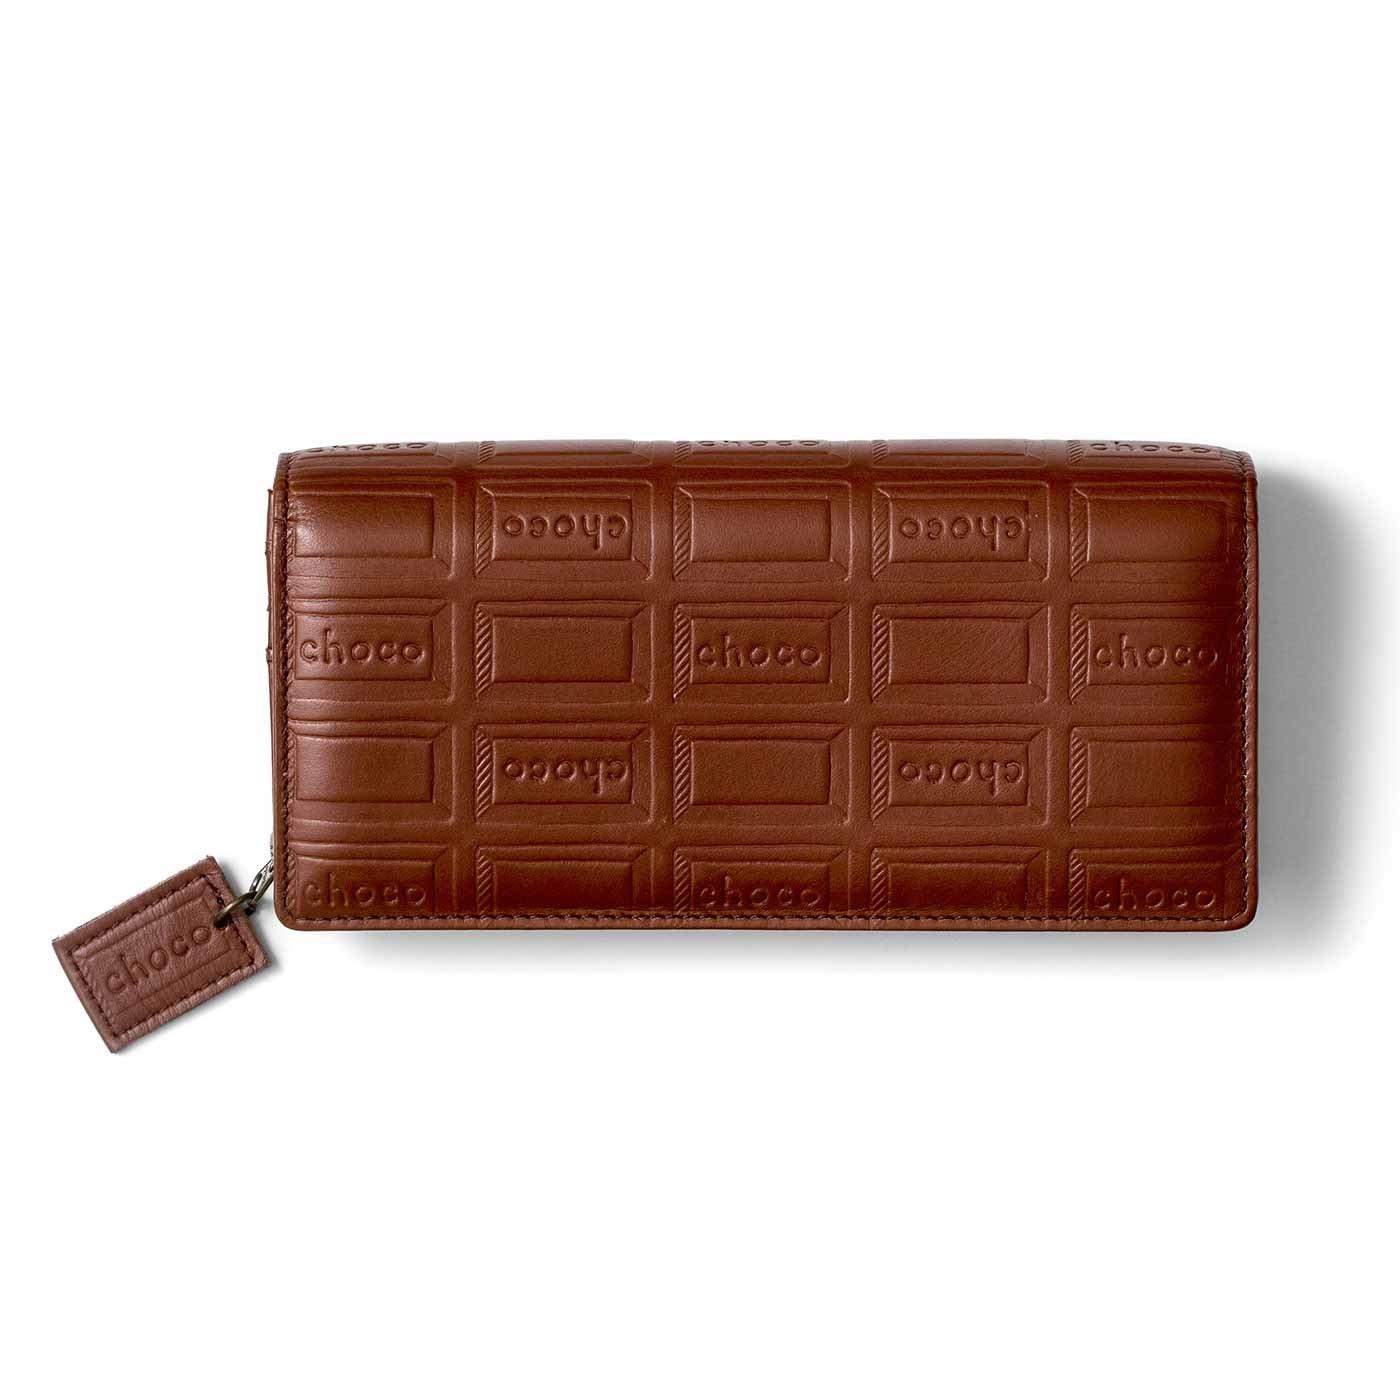 復刻! 本革チョコ柄のバイヤー長財布〈カカオブラウン〉[本革 財布:日本製]